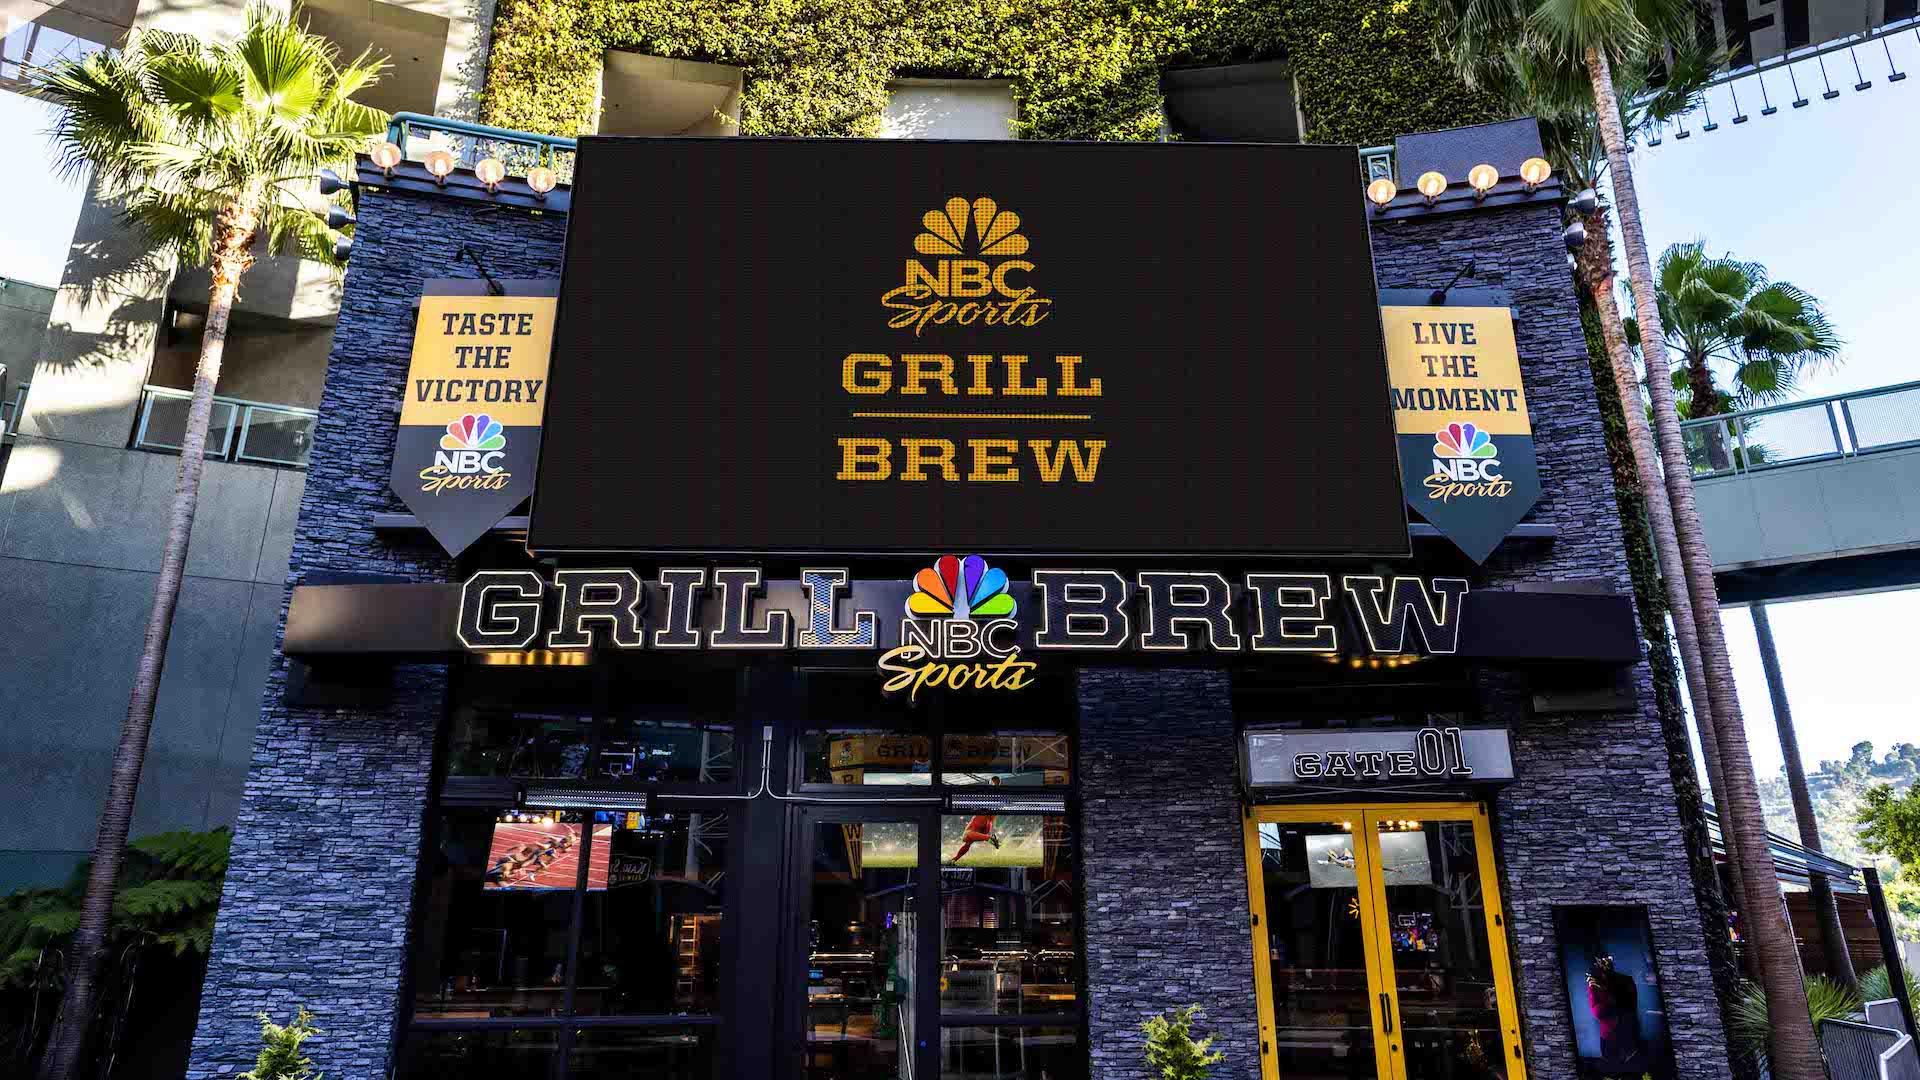 El parque temático Universal sumó un nuevo restaurante: NBC Sports